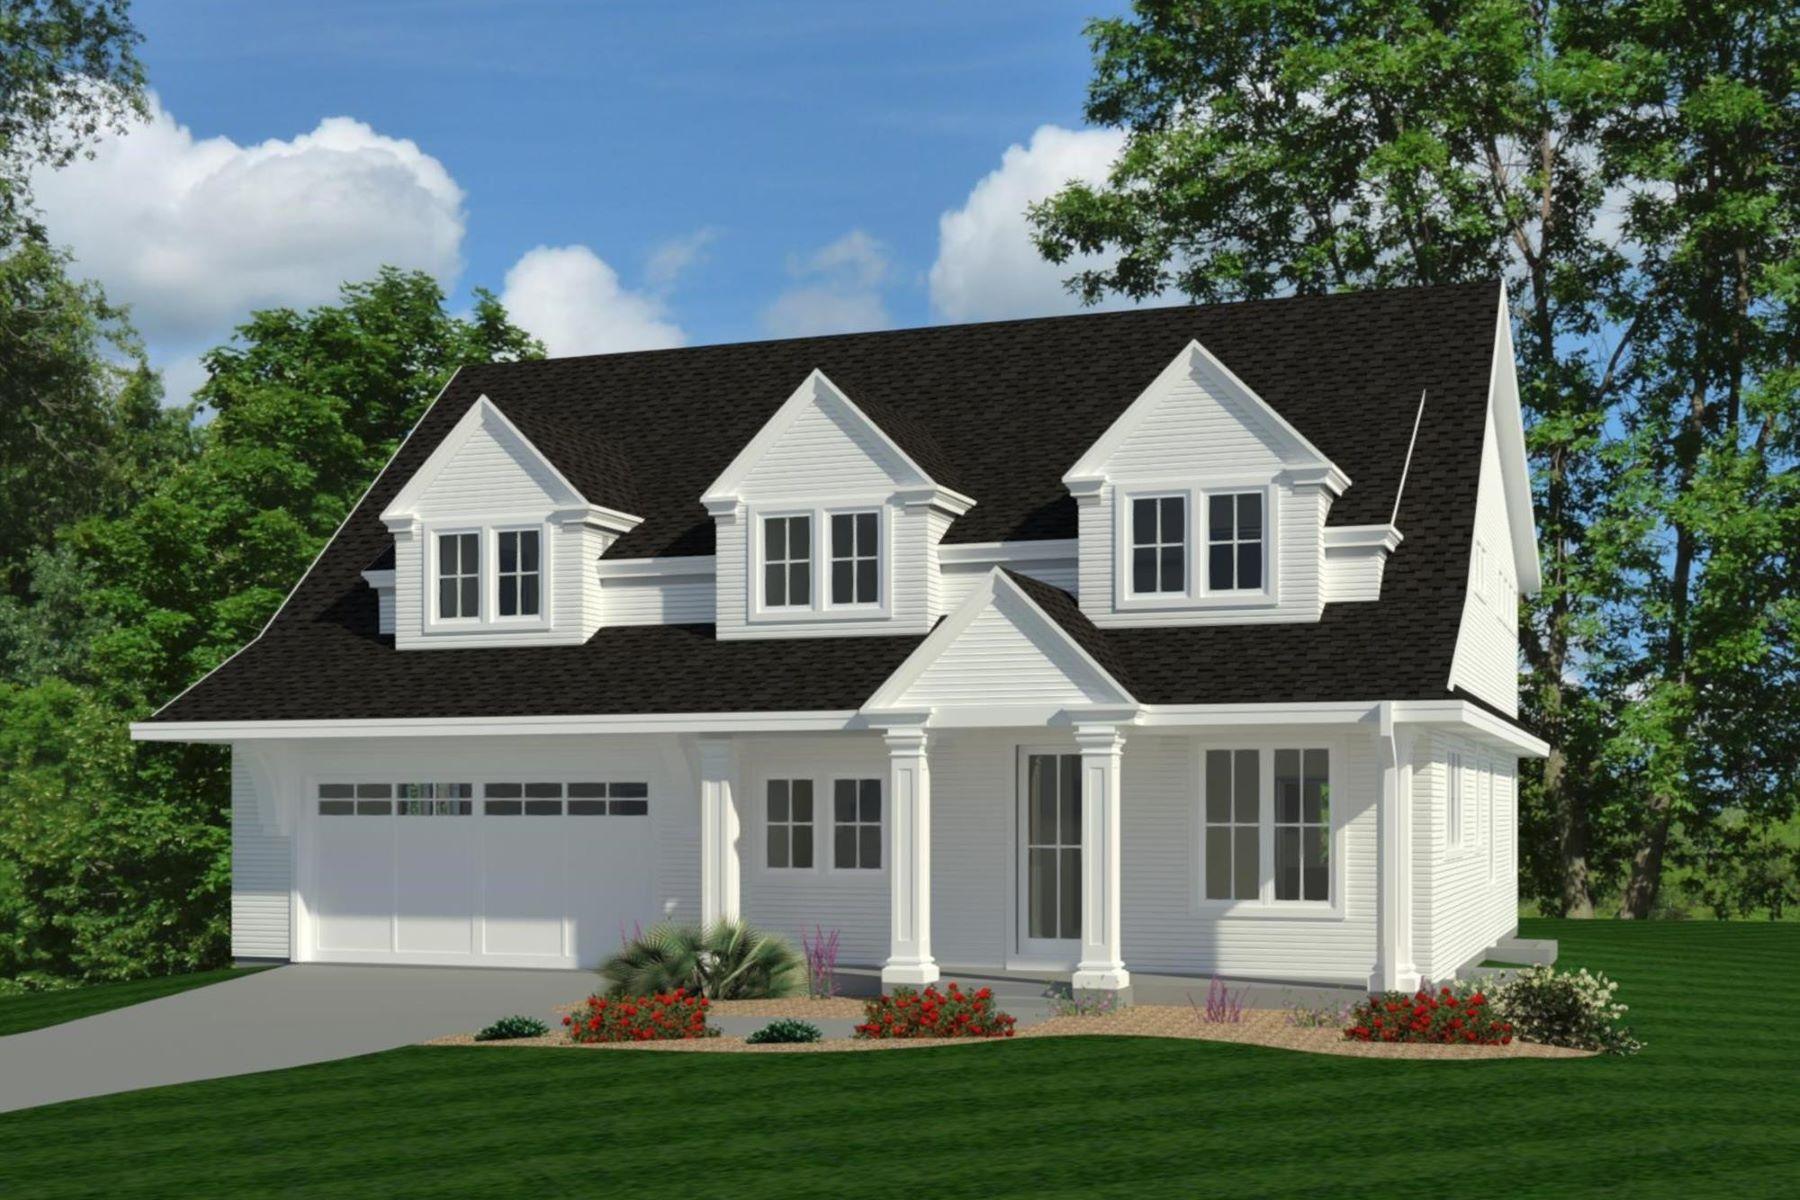 Частный односемейный дом для того Продажа на 5505 Kellogg Avenue Edina, Миннесота, 55424 Соединенные Штаты